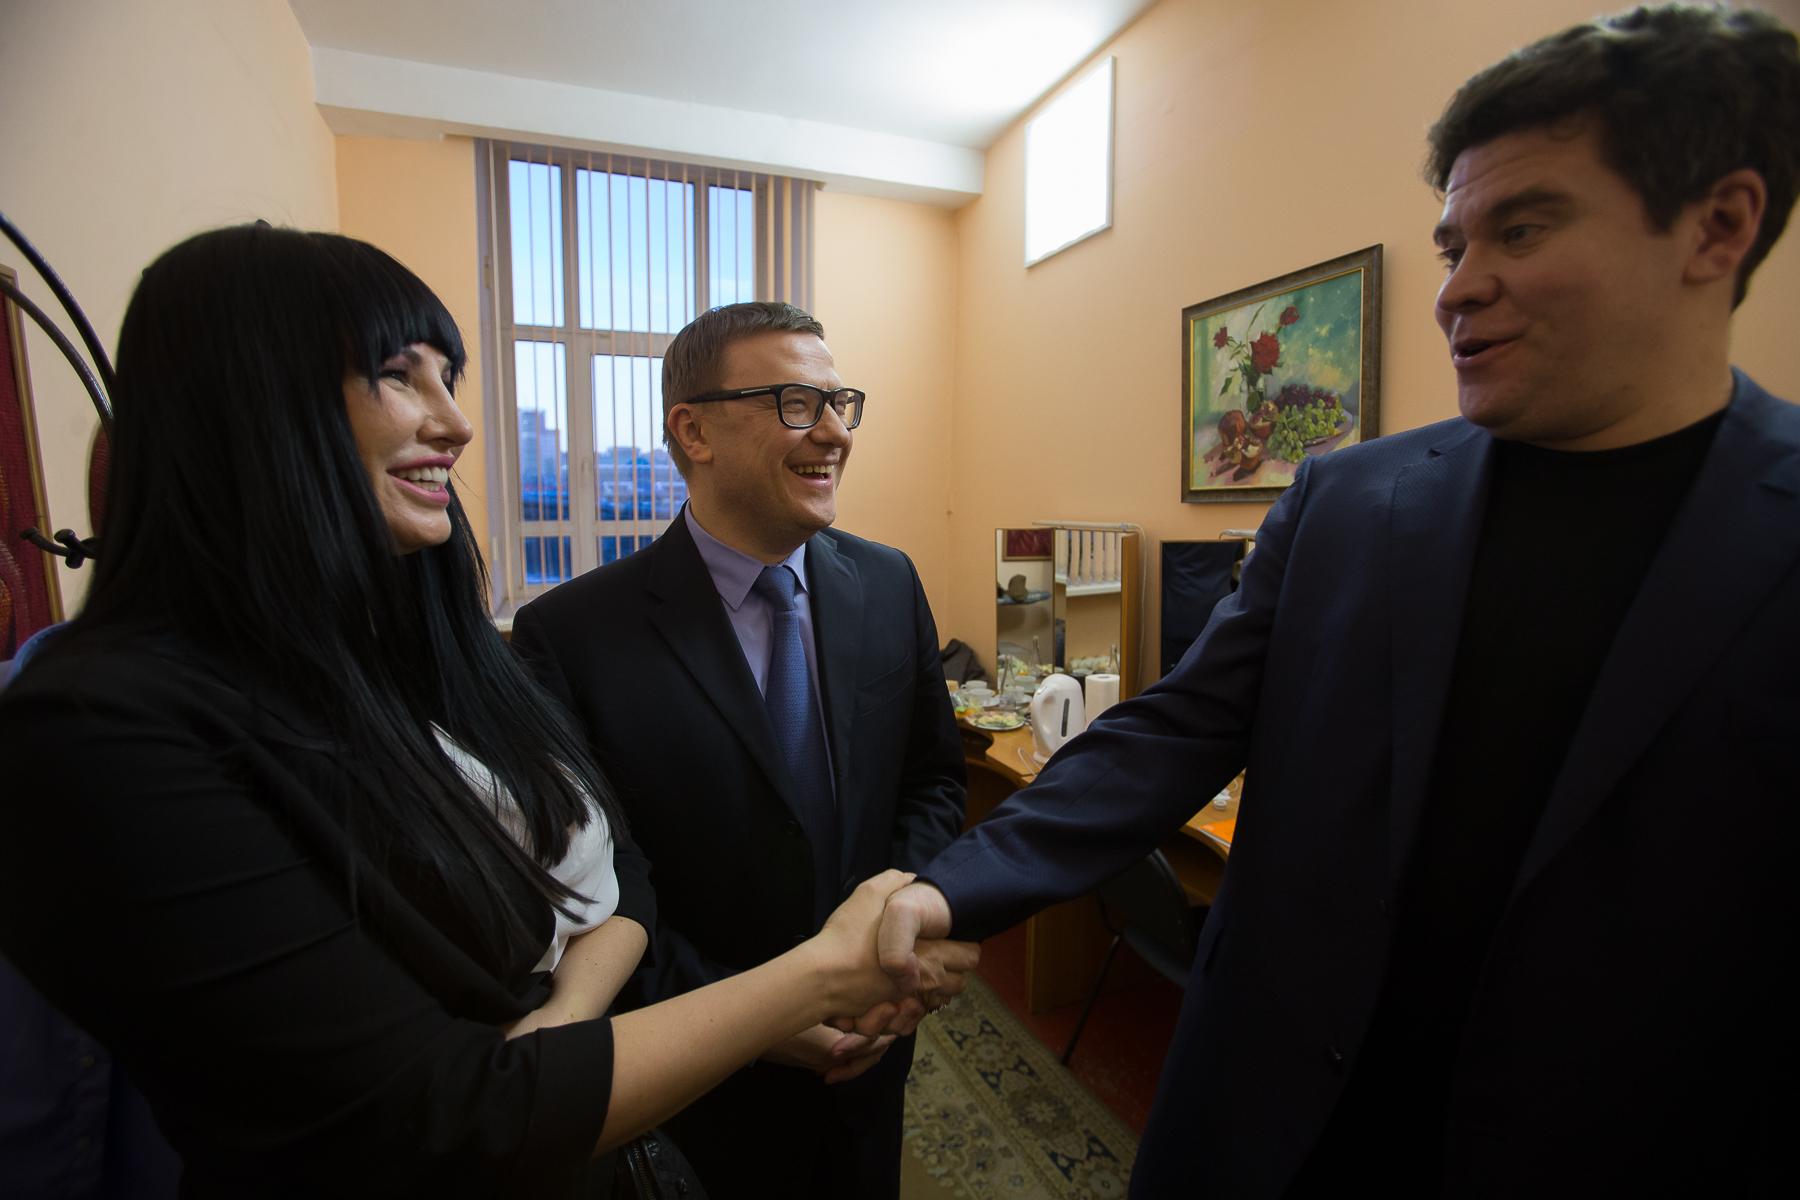 На Южном Урале завершился VIII международный фестиваль «Денис Мацуев представляет». Восьмой год э